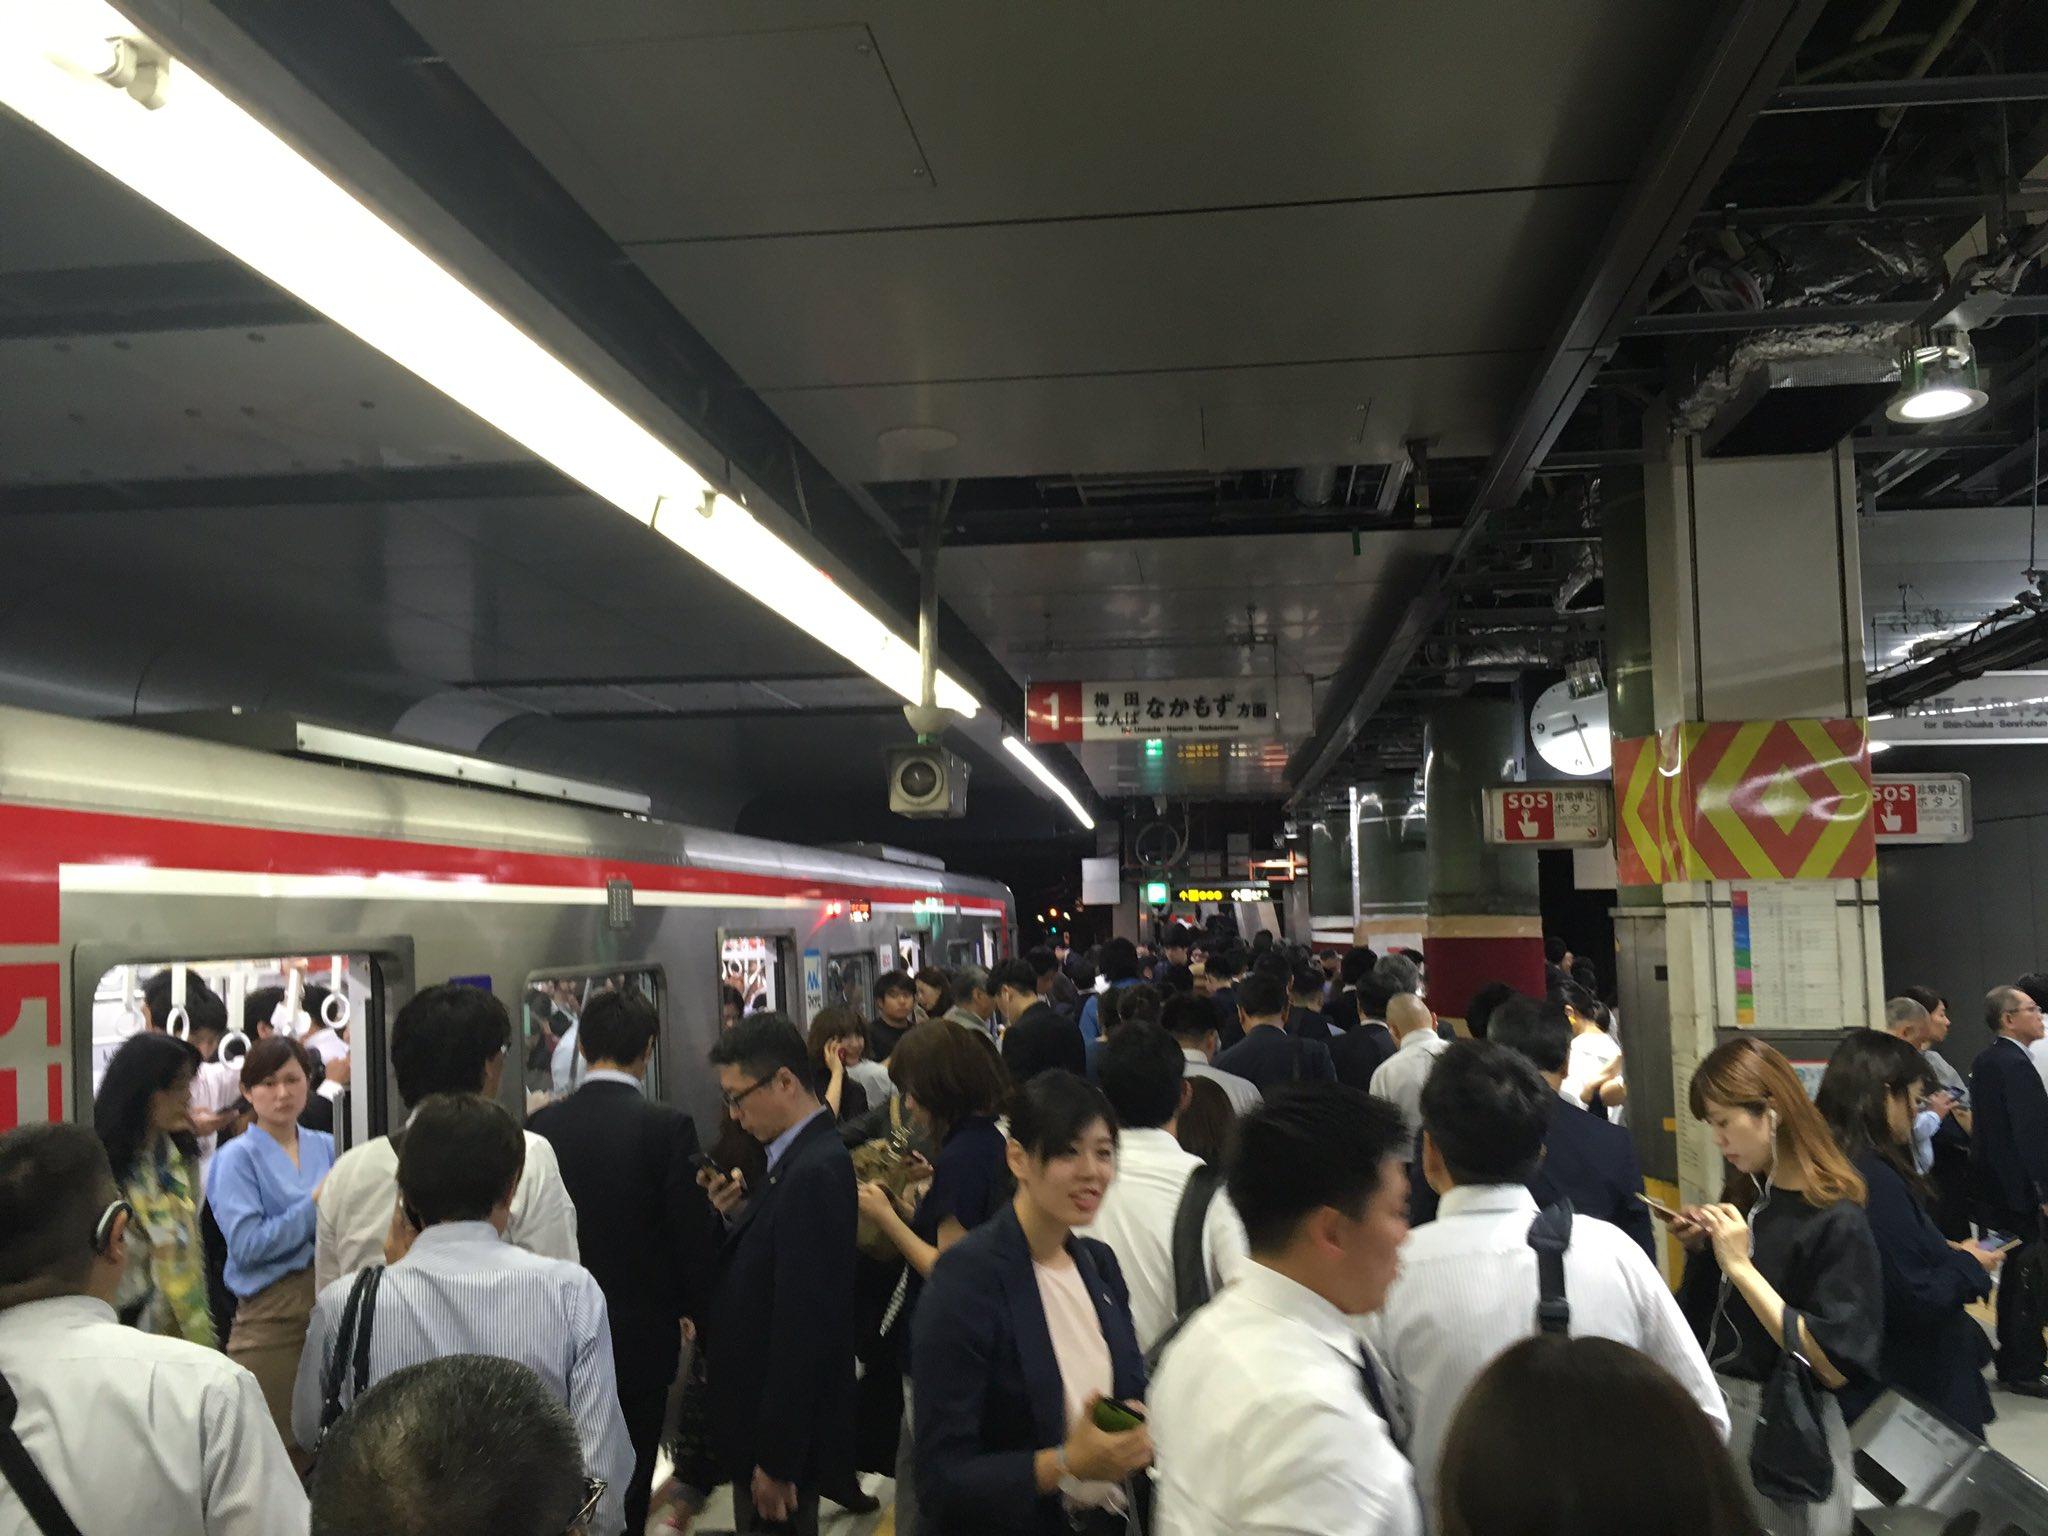 画像,2019年6月3日8時28分現在の運行状況です。御堂筋線長居駅での人身事故のため、御堂筋線の運転を停止しています。人身事故の人が心配。地下鉄は地上の電車と違って…